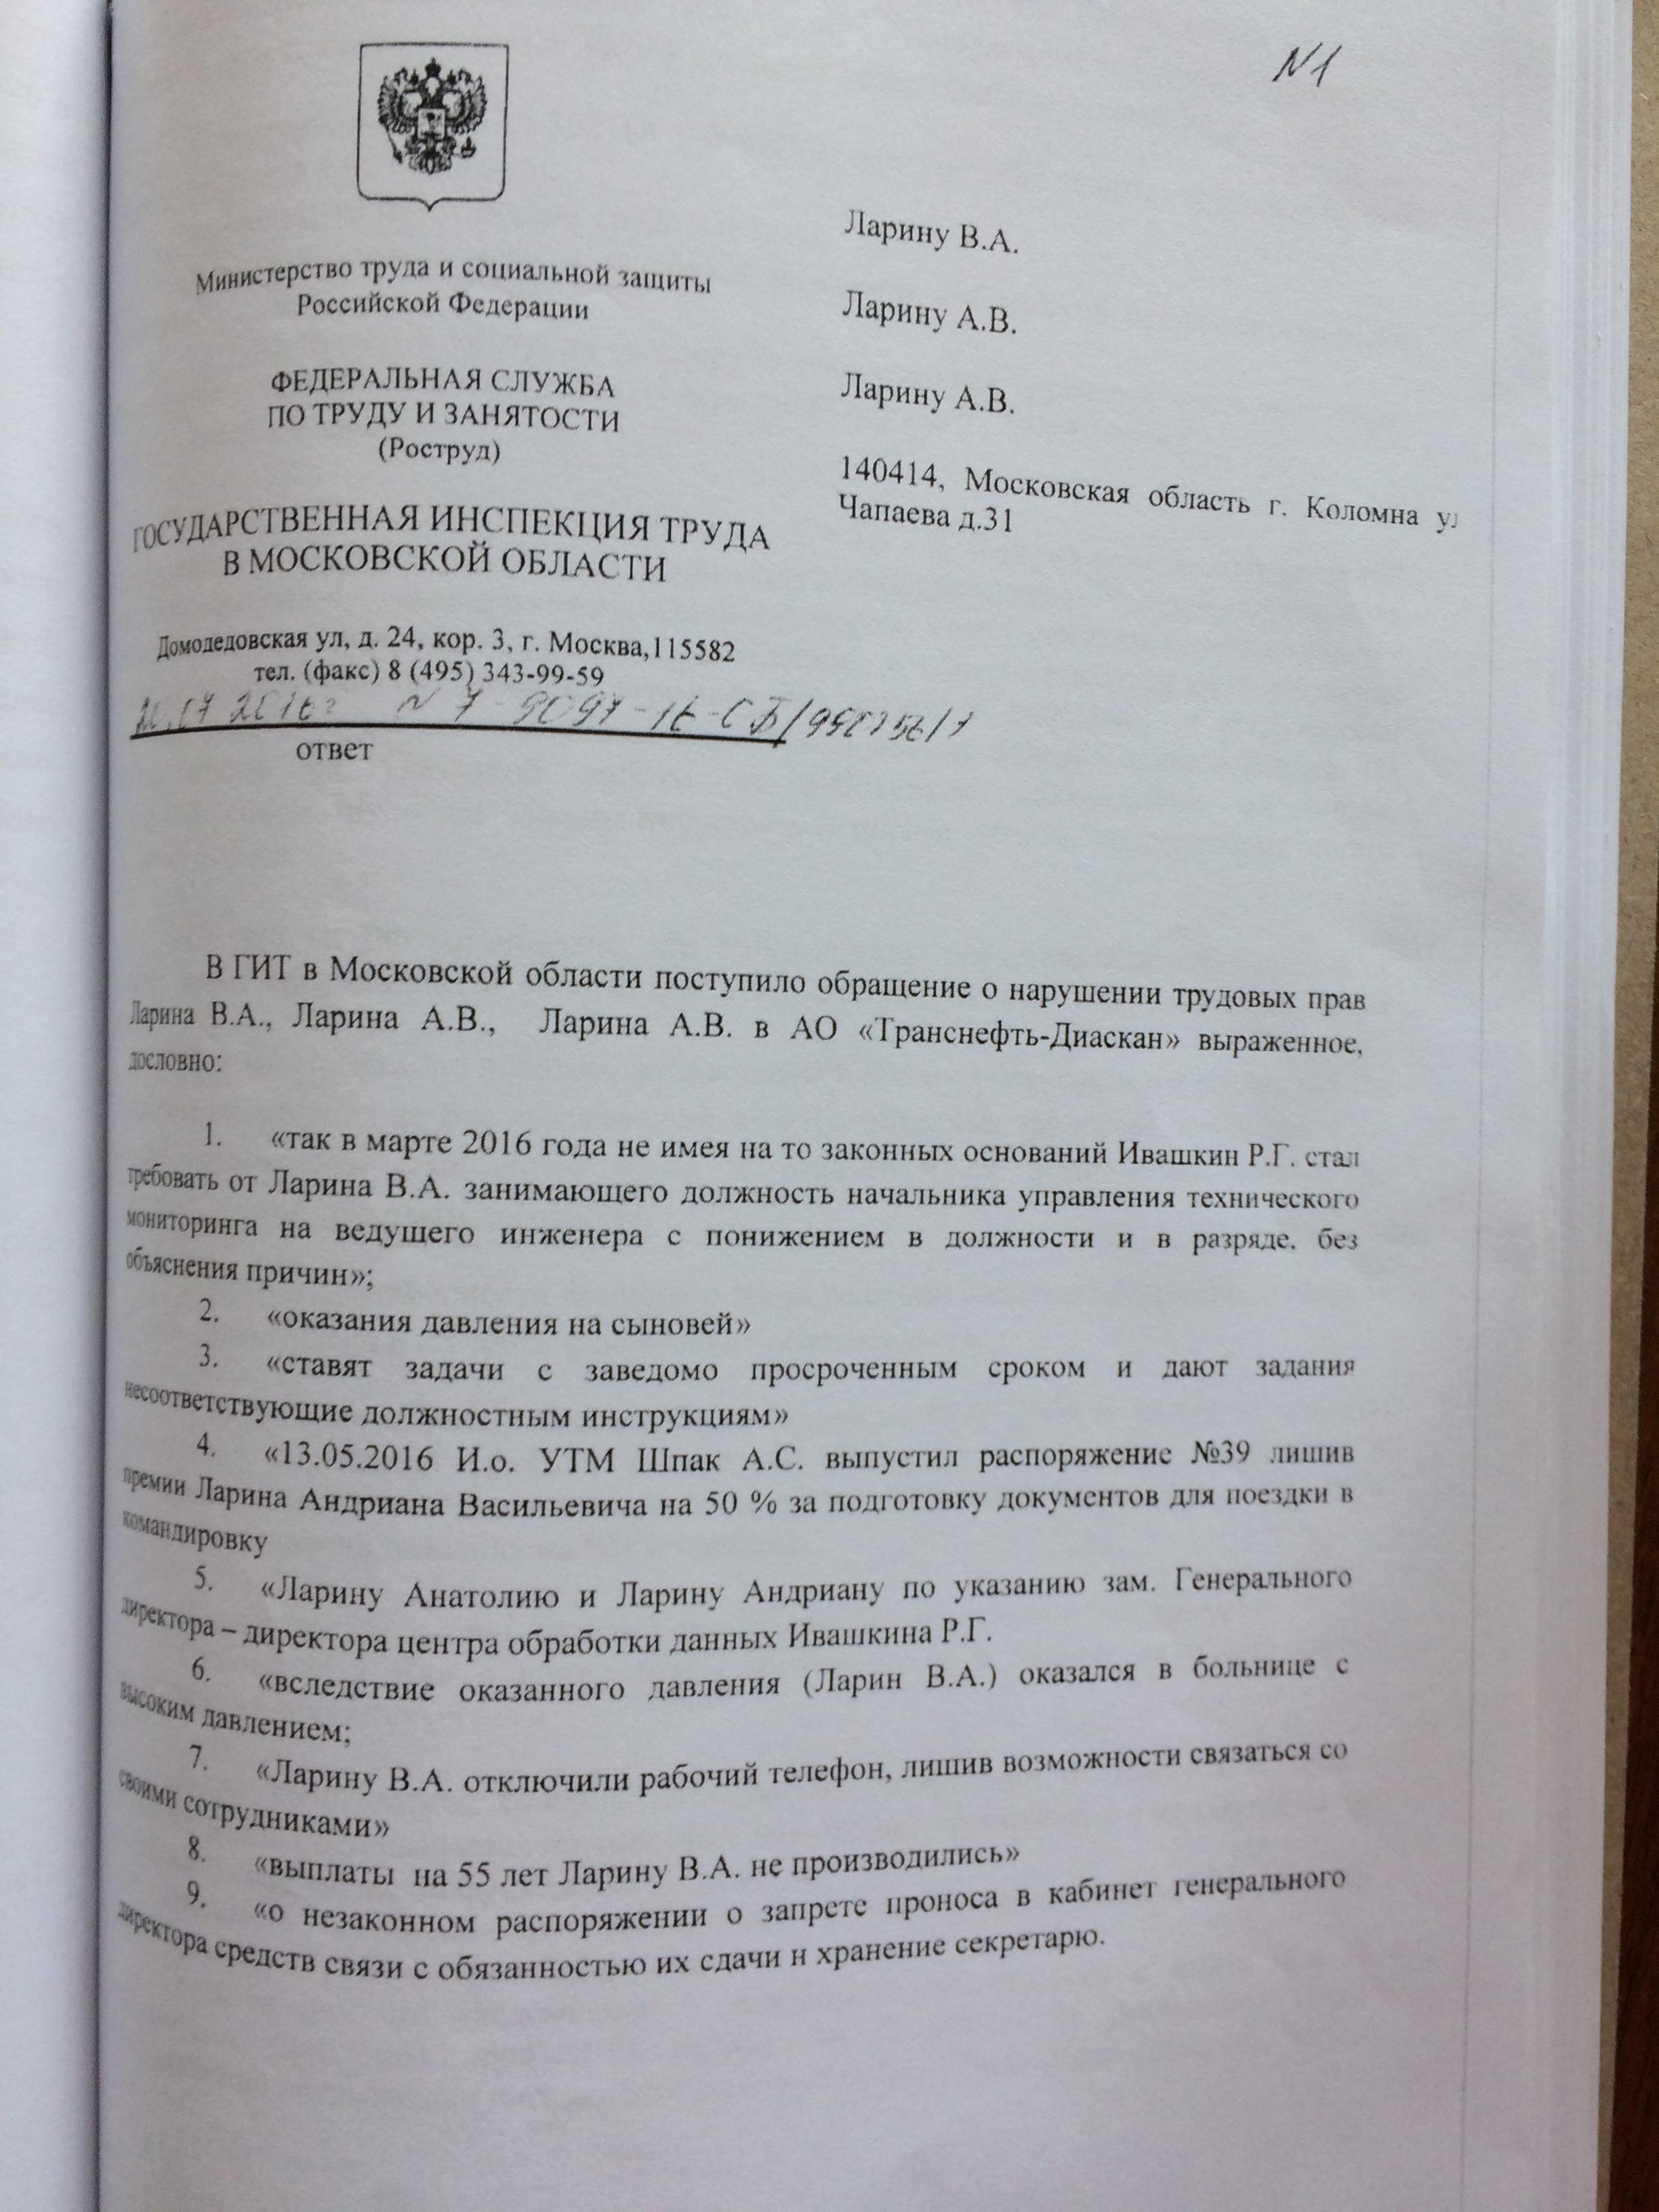 Фото документов проверки Луховицкой городской прокуратурой - 41 (5)